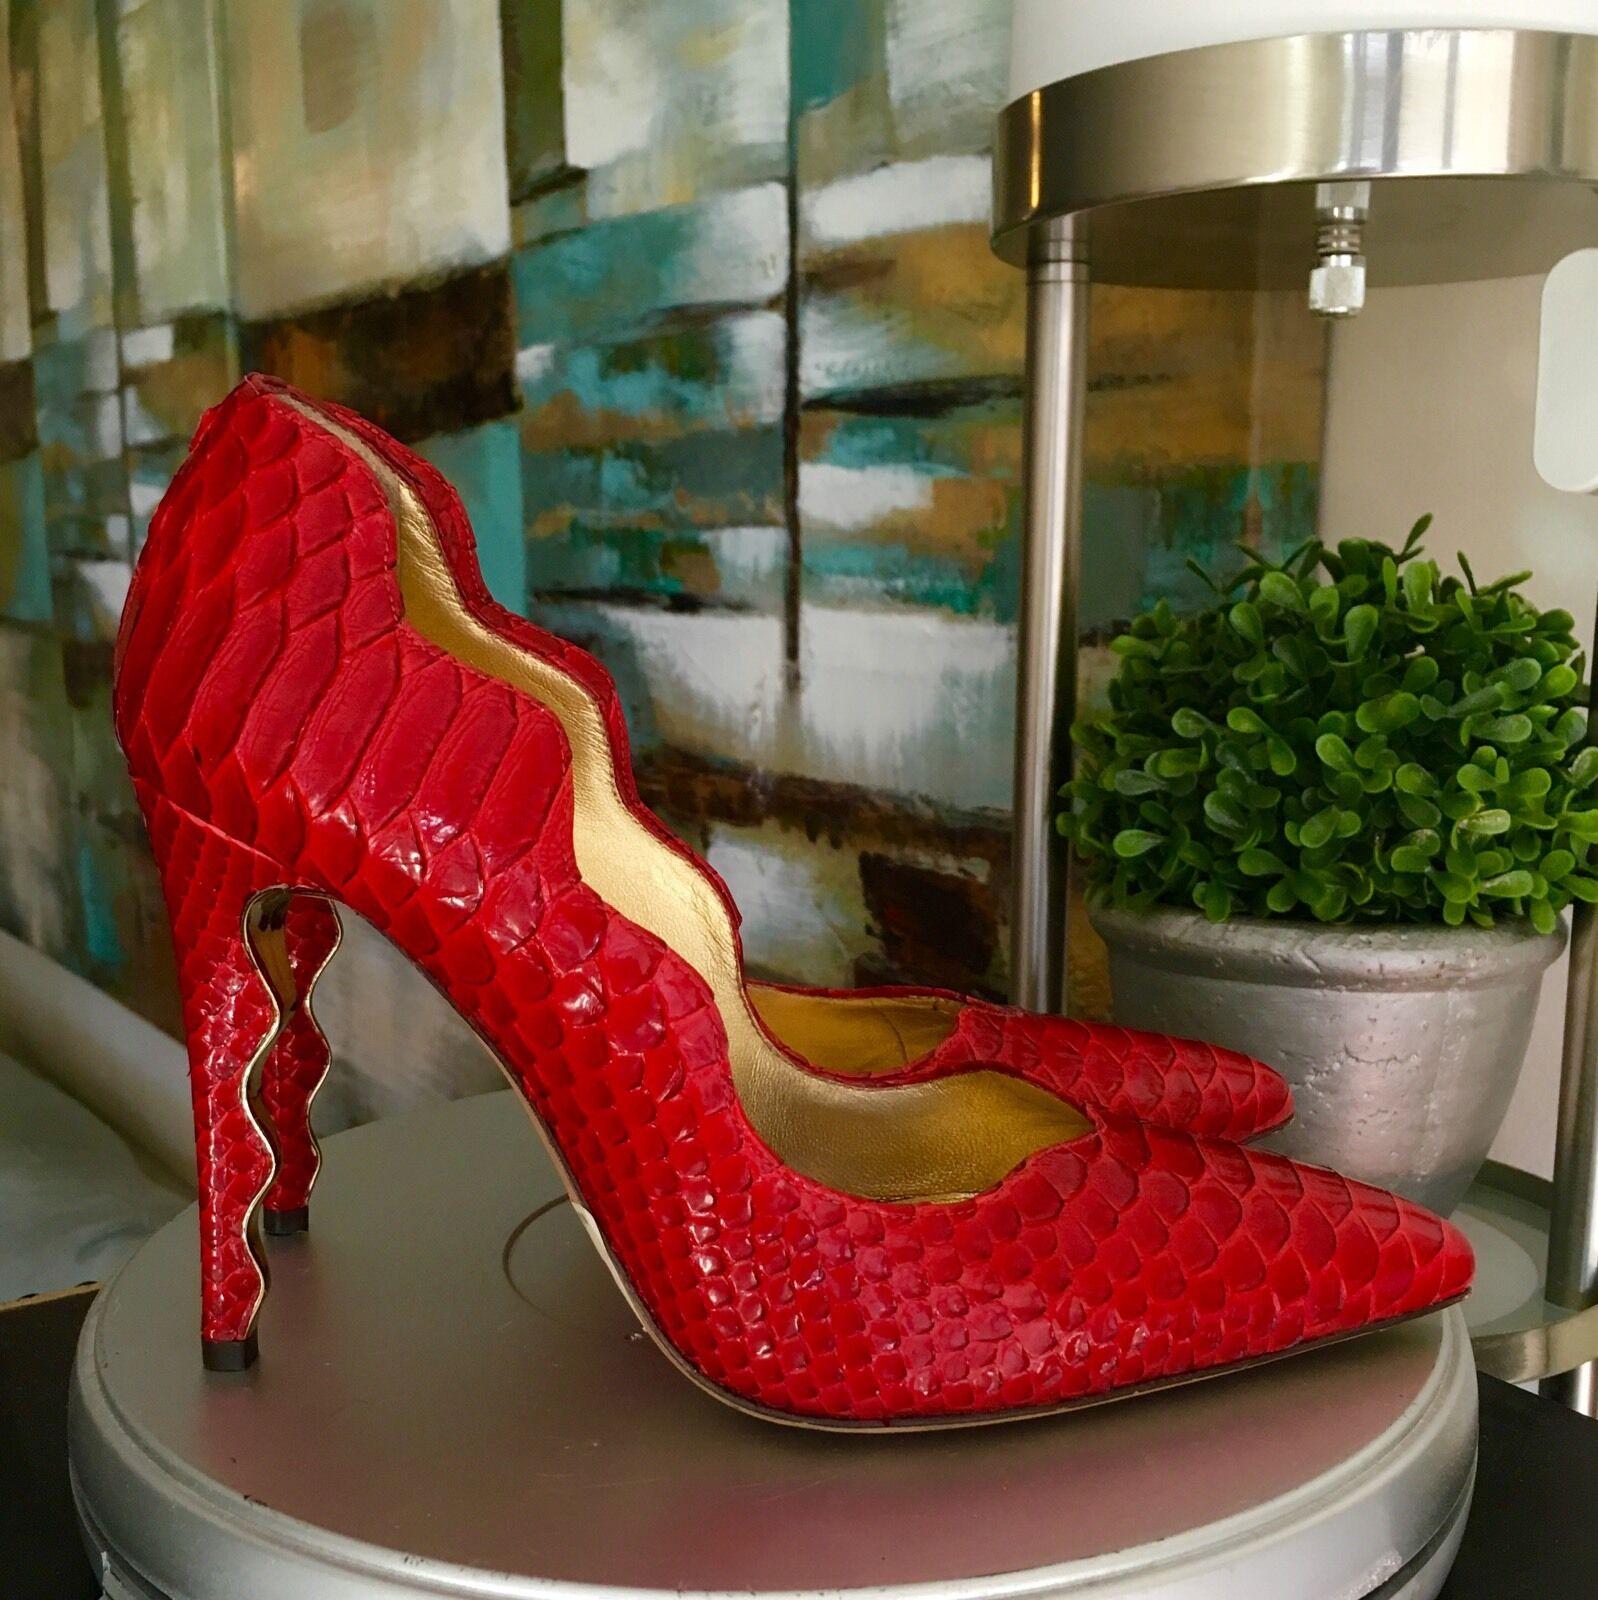 895 Alexandre Birman Classic rouge Python Pumps chaussures chaussures chaussures Taille 36 6 c03a2d